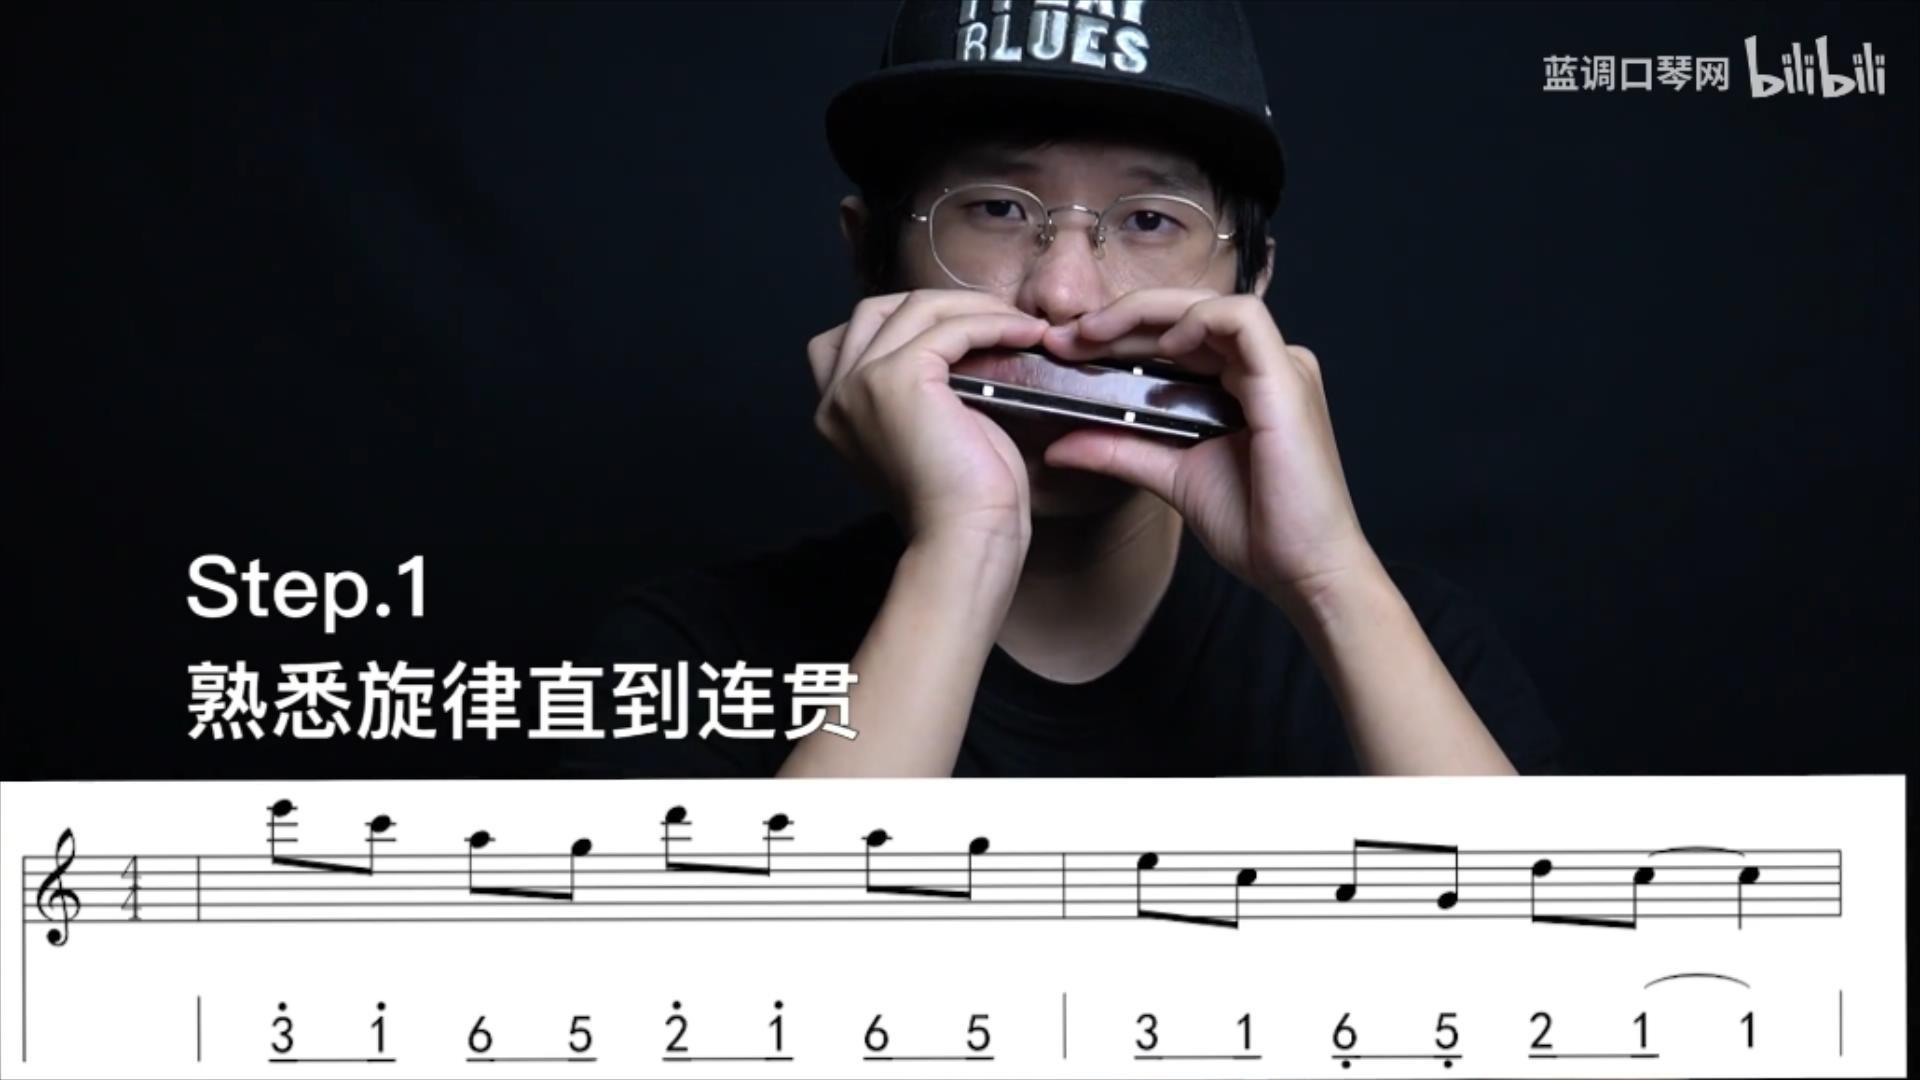 自学口琴必备系列【半音阶口琴】乐句02.flv_20210917_233949204.jpg